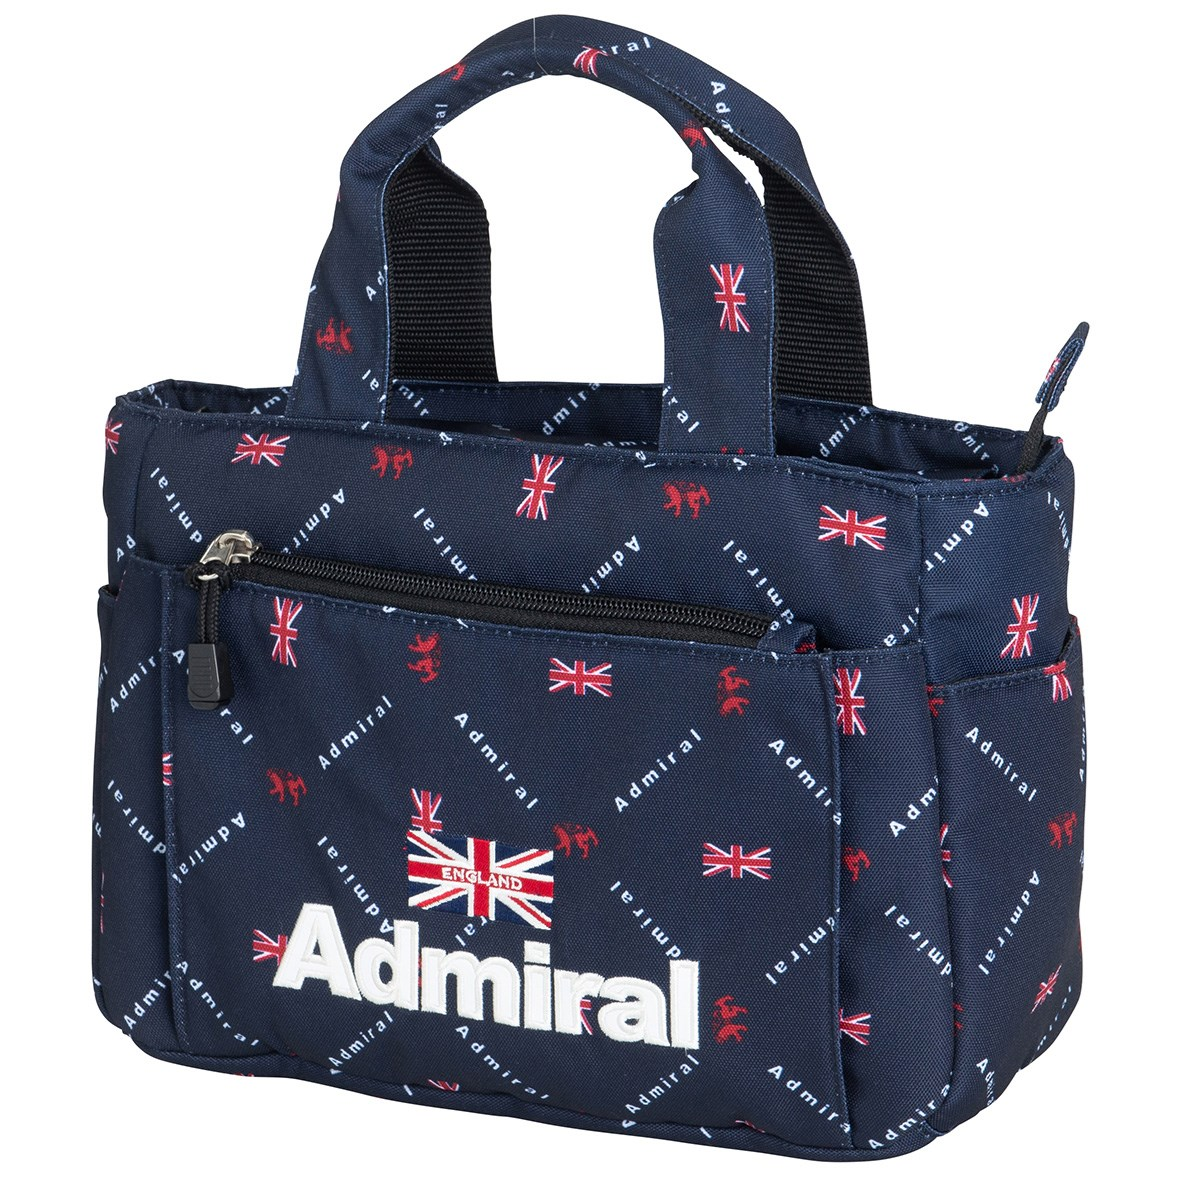 アドミラル Admiral モノグラムラウンドバッグ ネイビー 30